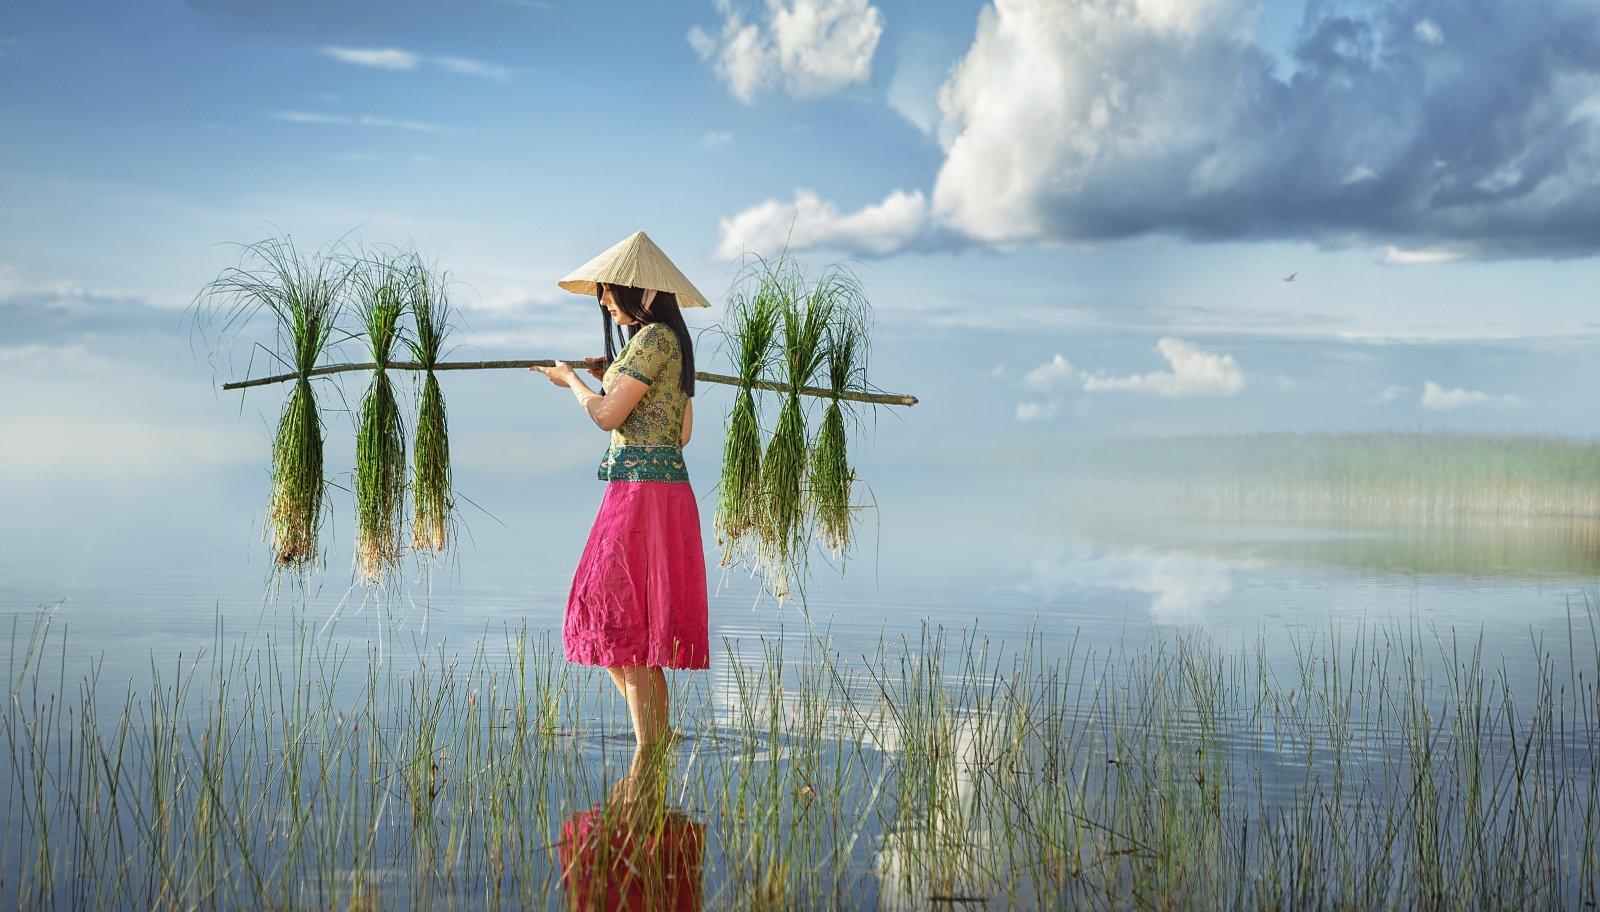 девушка, женский портрет, сборщица риса, поле, вода, вьетнам, азия, трава, шляпа, небо, трава, жанр, постановка, Прядко Наталья